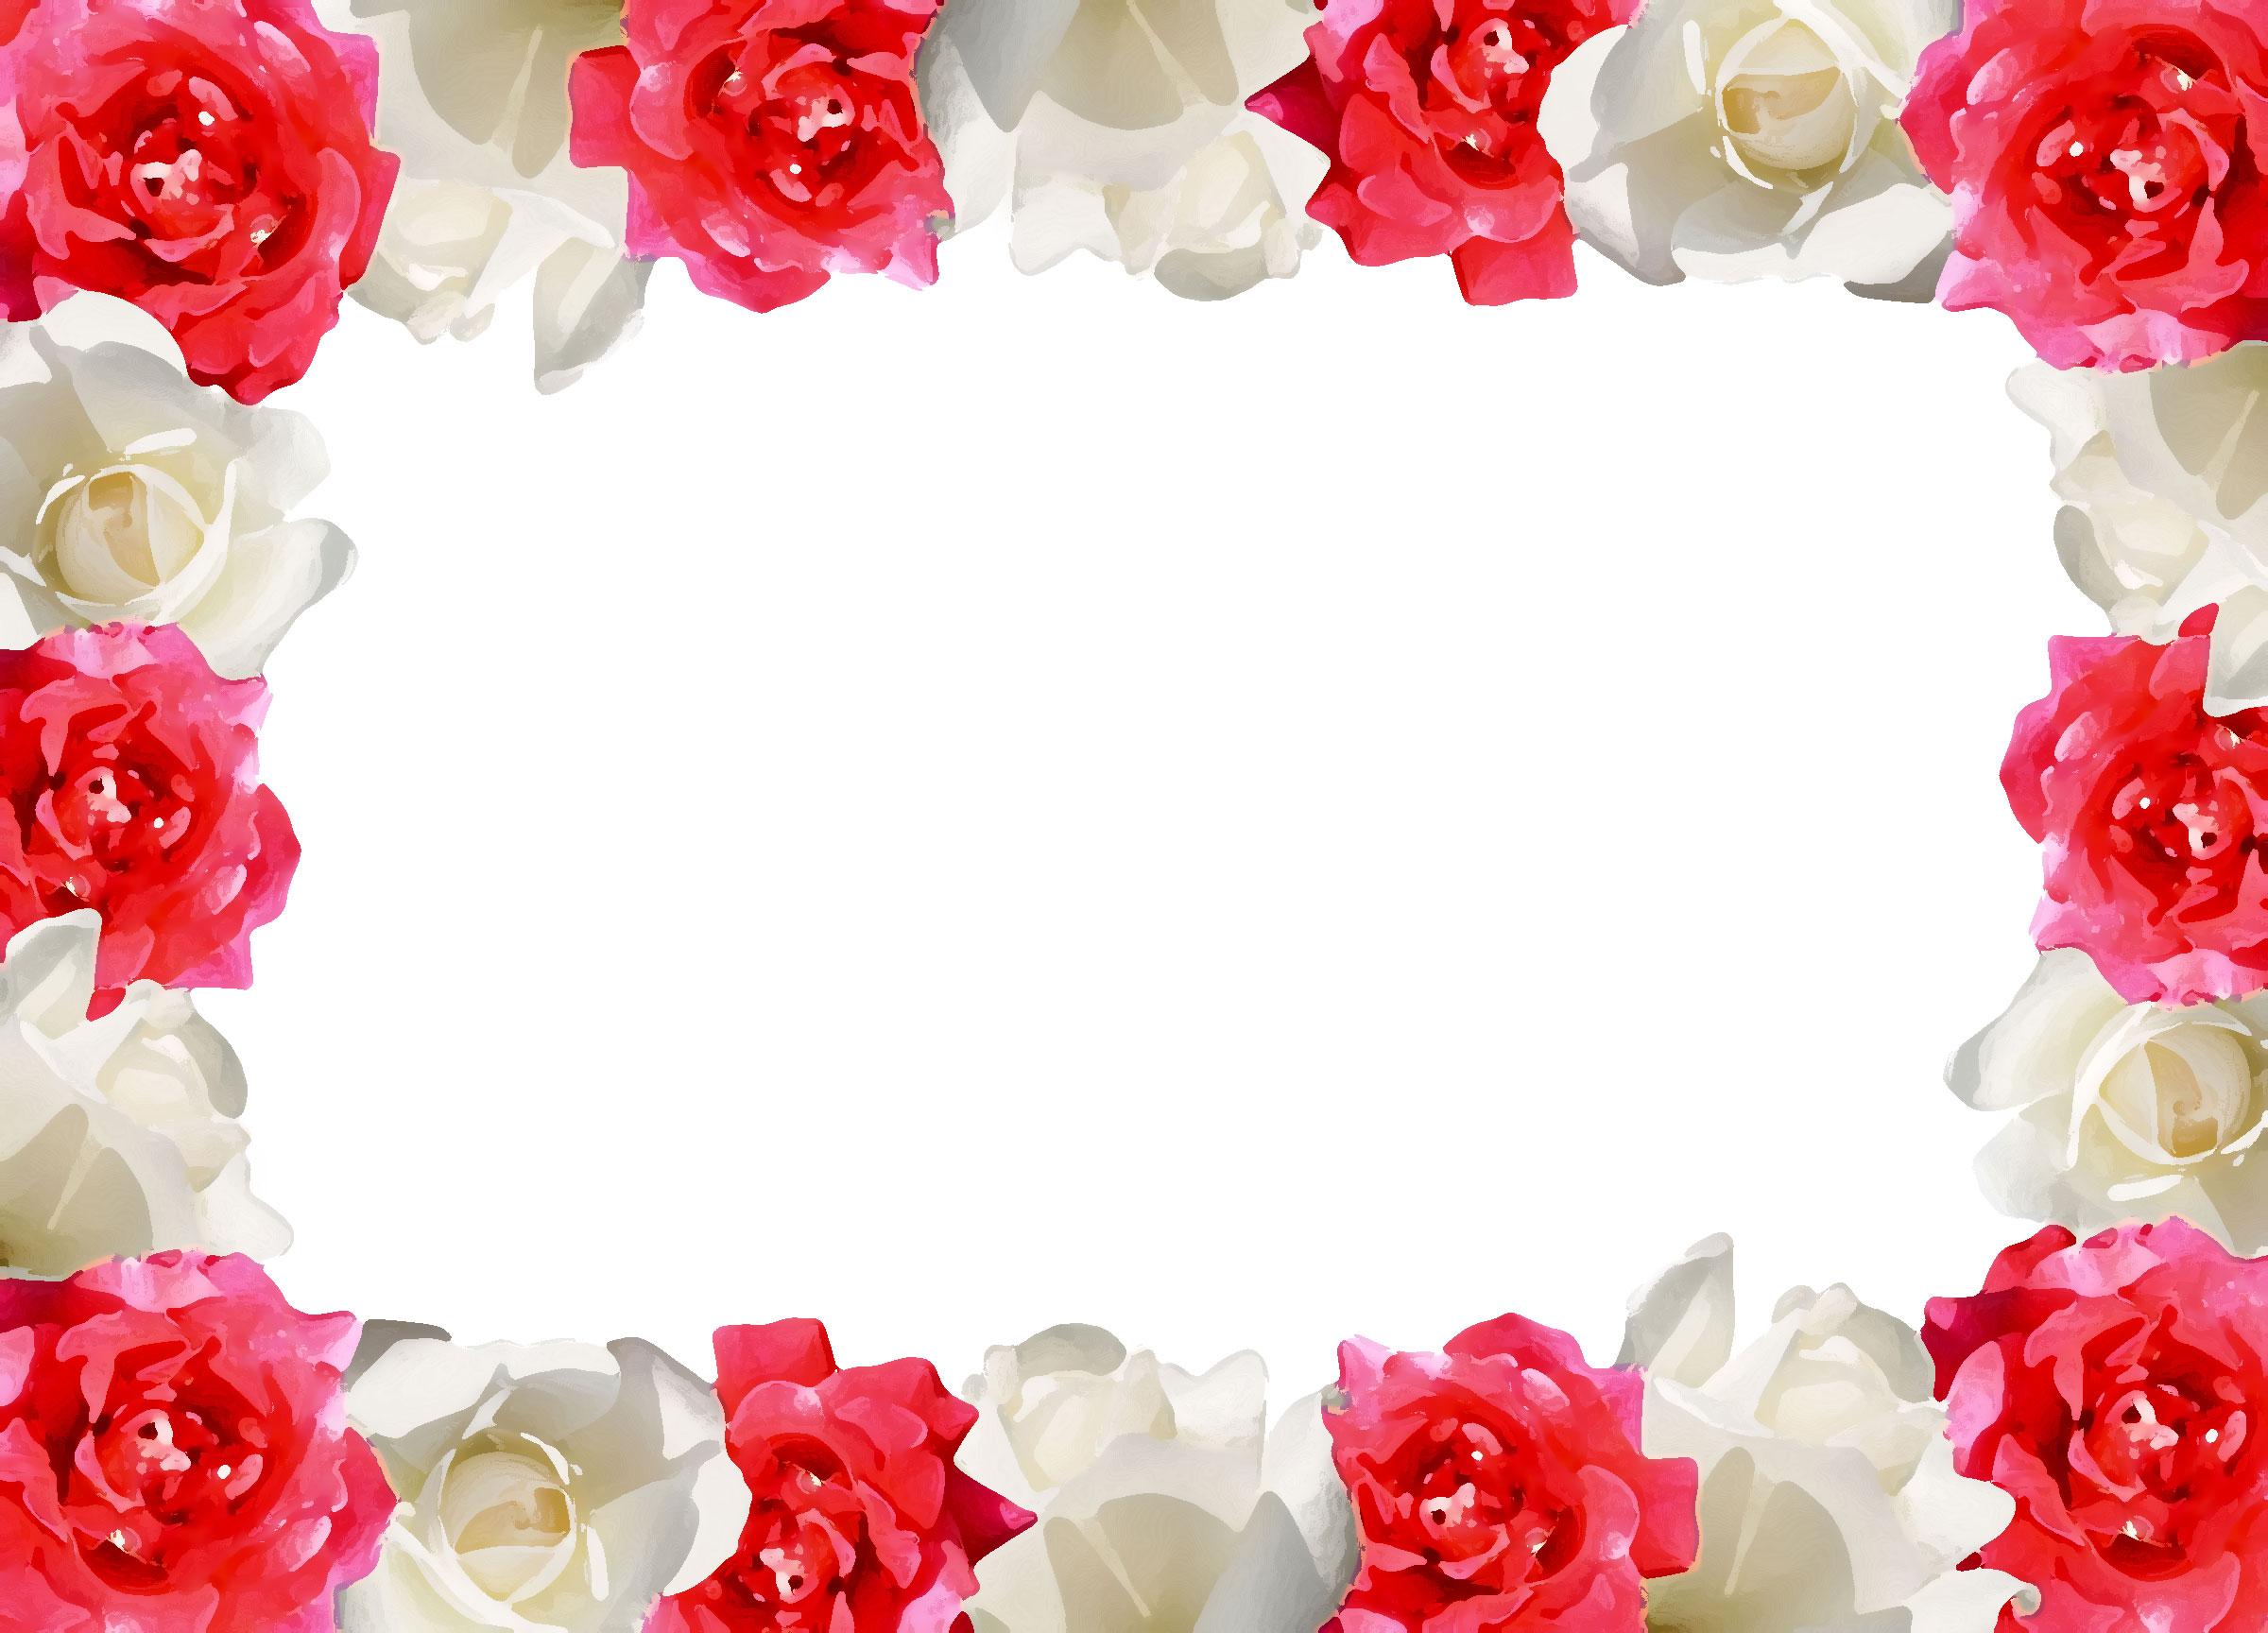 壁紙・背景イラスト/花のフレーム・外枠 No 159『花囲い・赤白バラ』